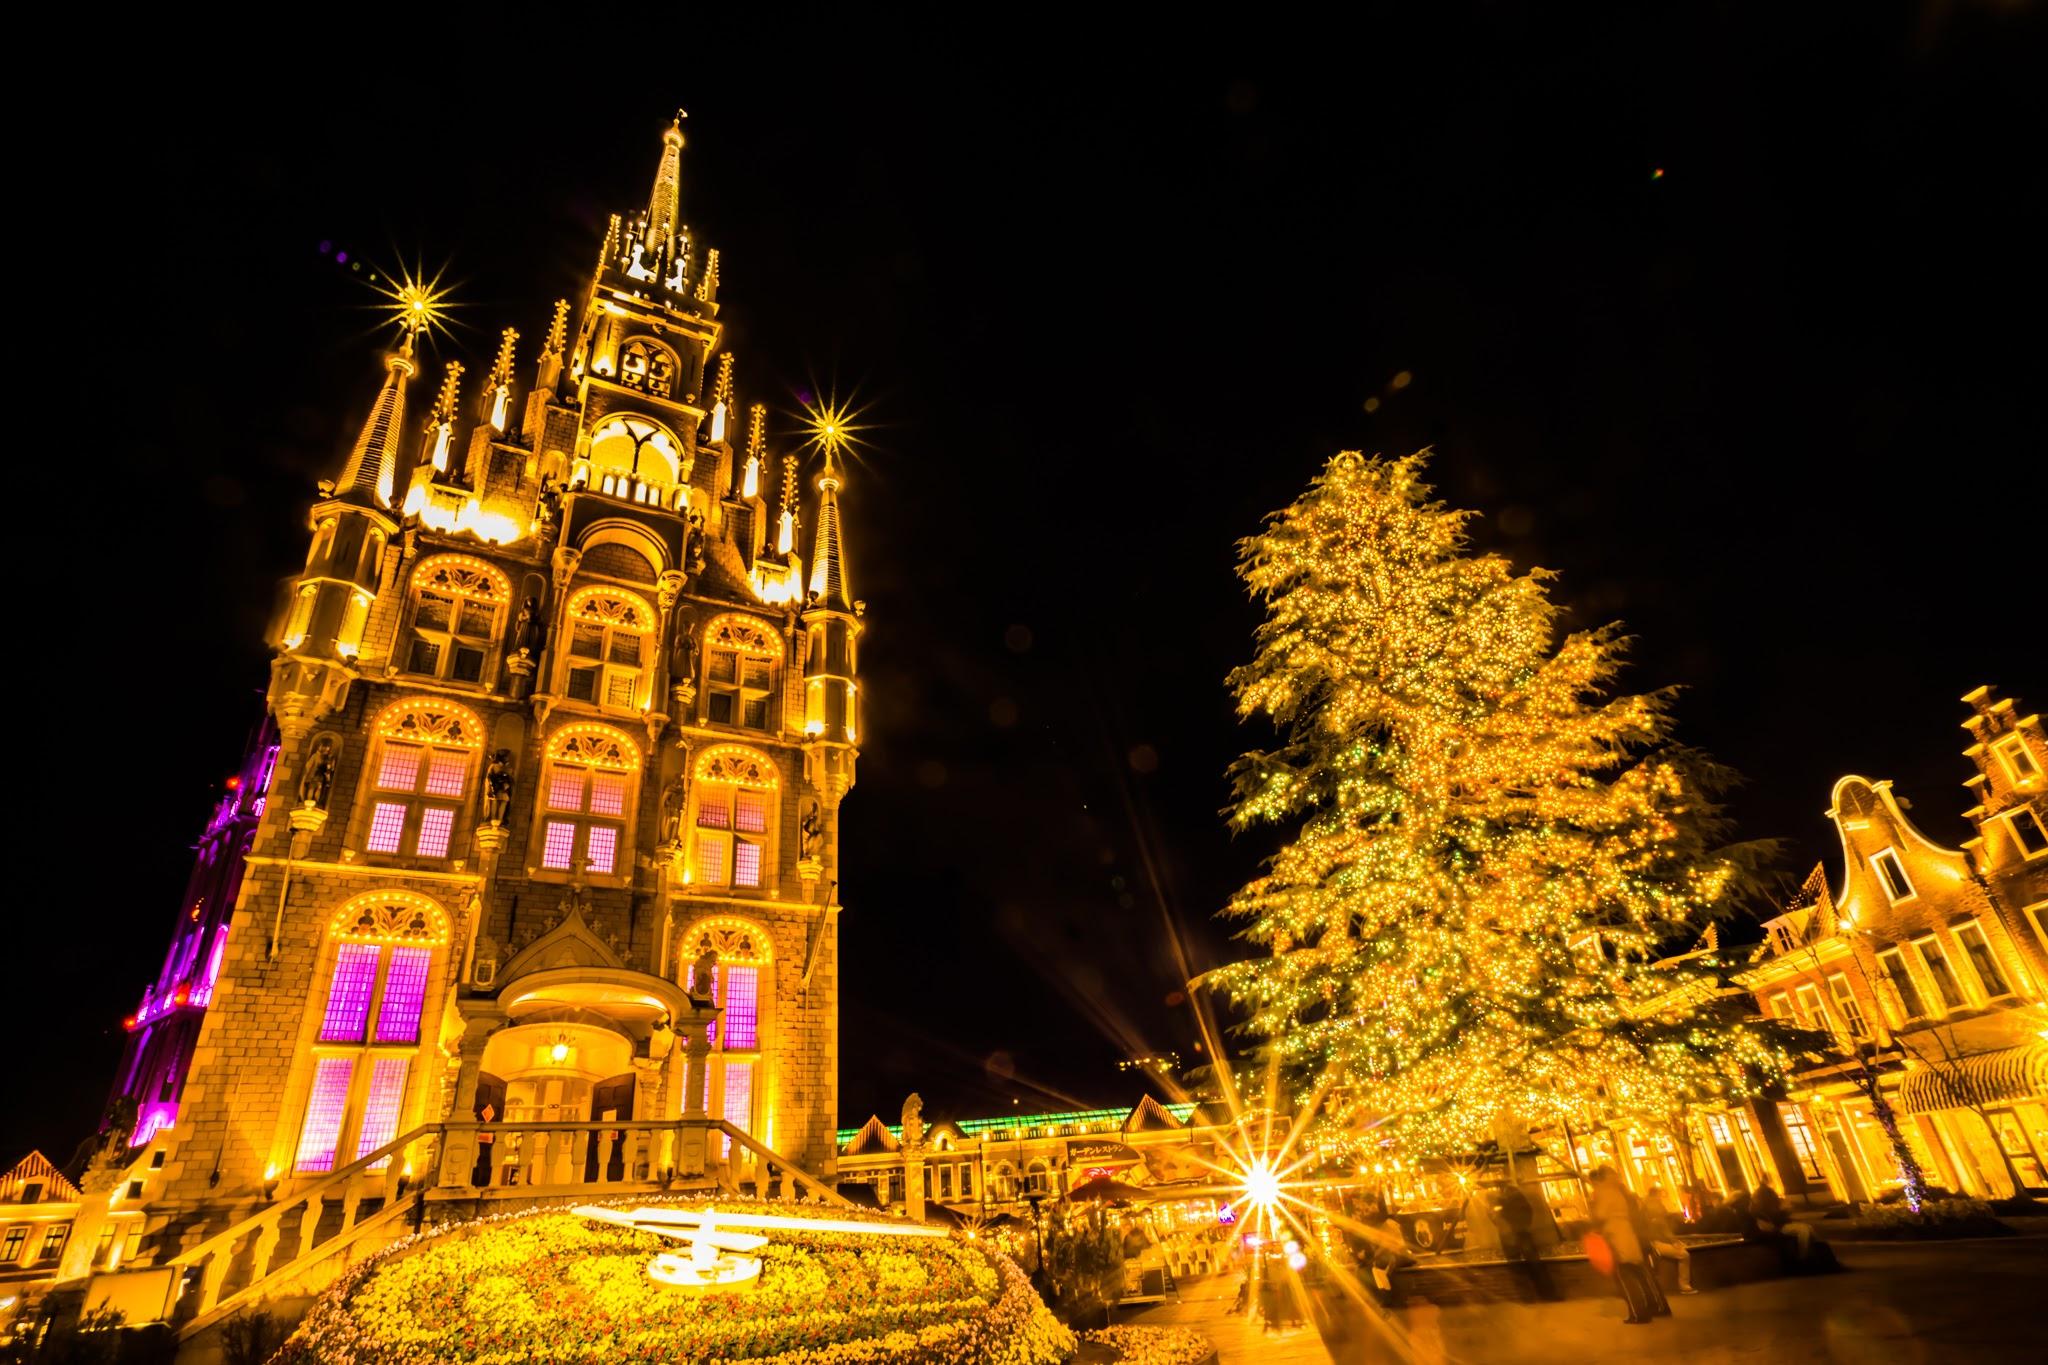 Huis Ten Bosch illumination Kingdom of light Amsterdam city5